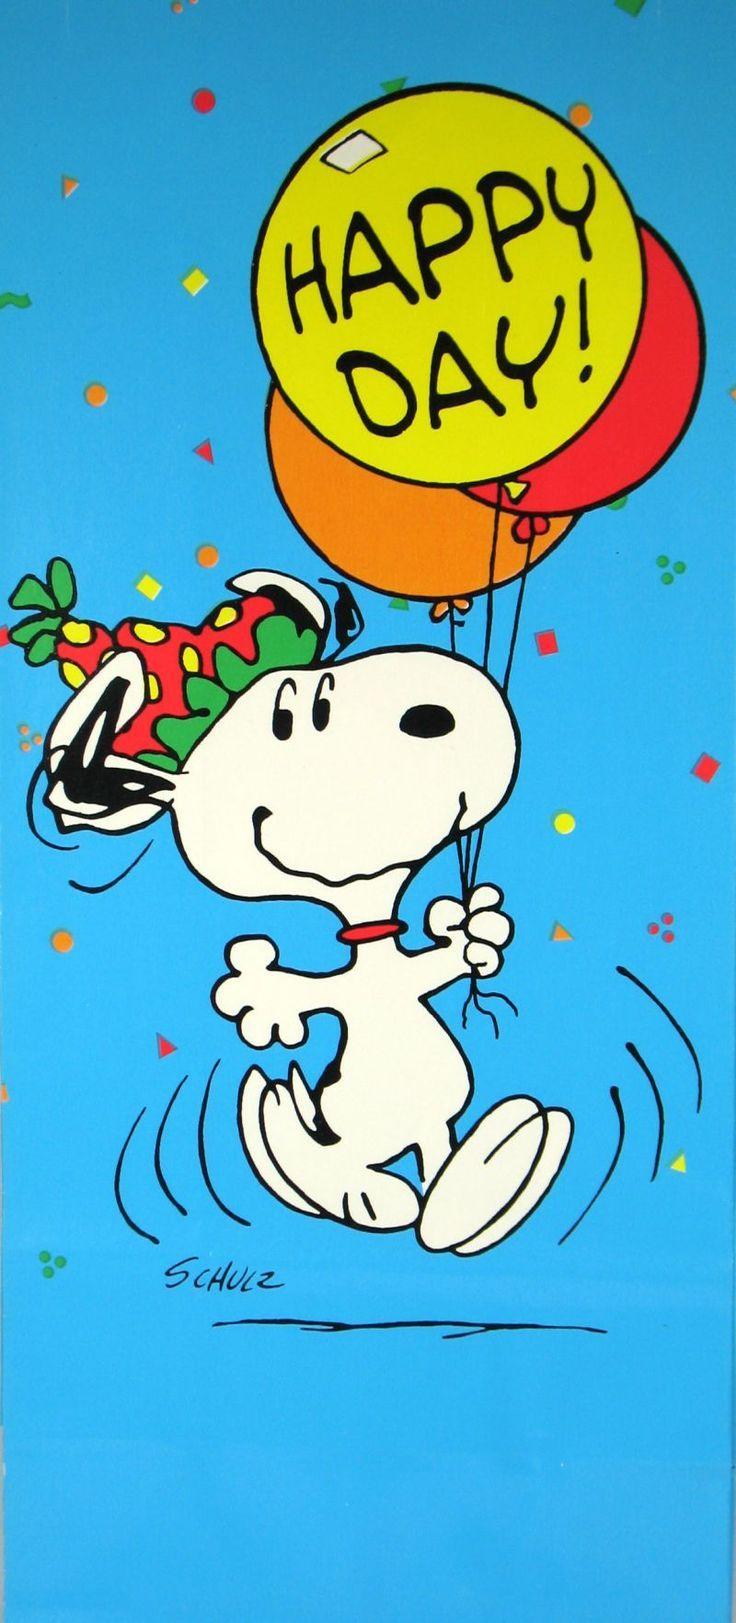 Happy Day!: